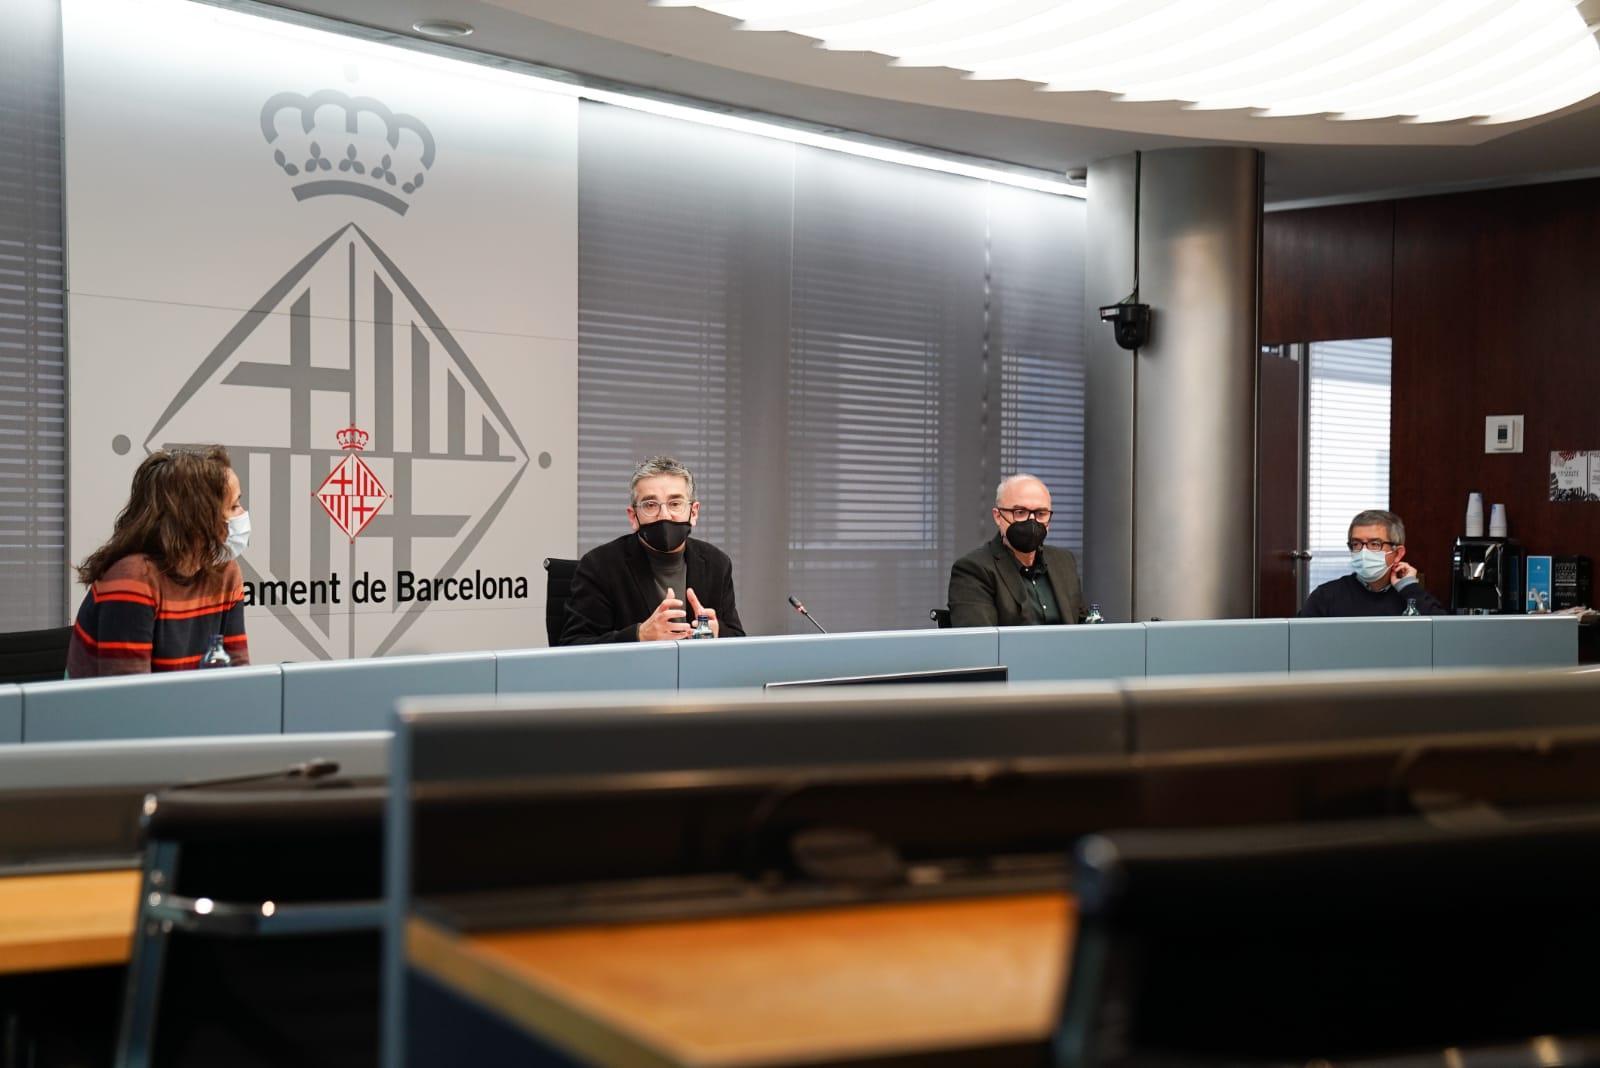 Rueda de prensa en el Ayuntamiento de Barcelona para presentar los 'Ciclos metropolitanos'